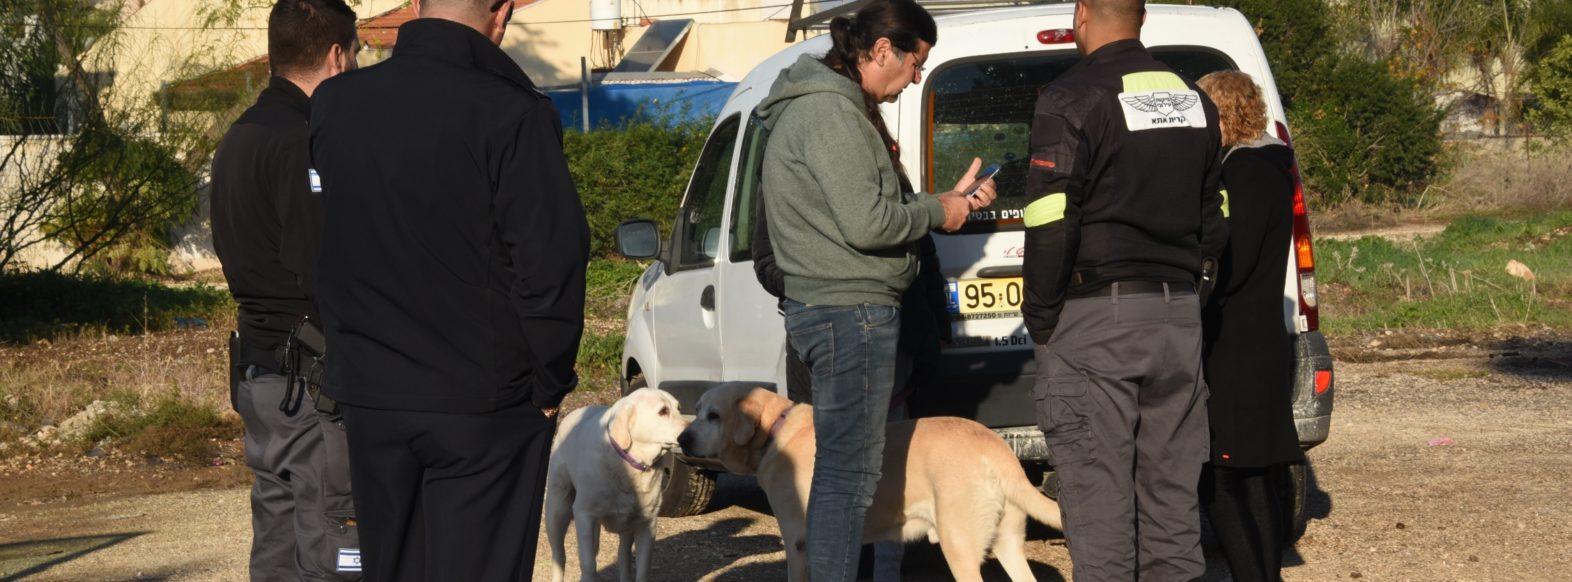 עיריית קריית אתא ערכה מבצע אכיפה ללכידת כלבים משוטטים